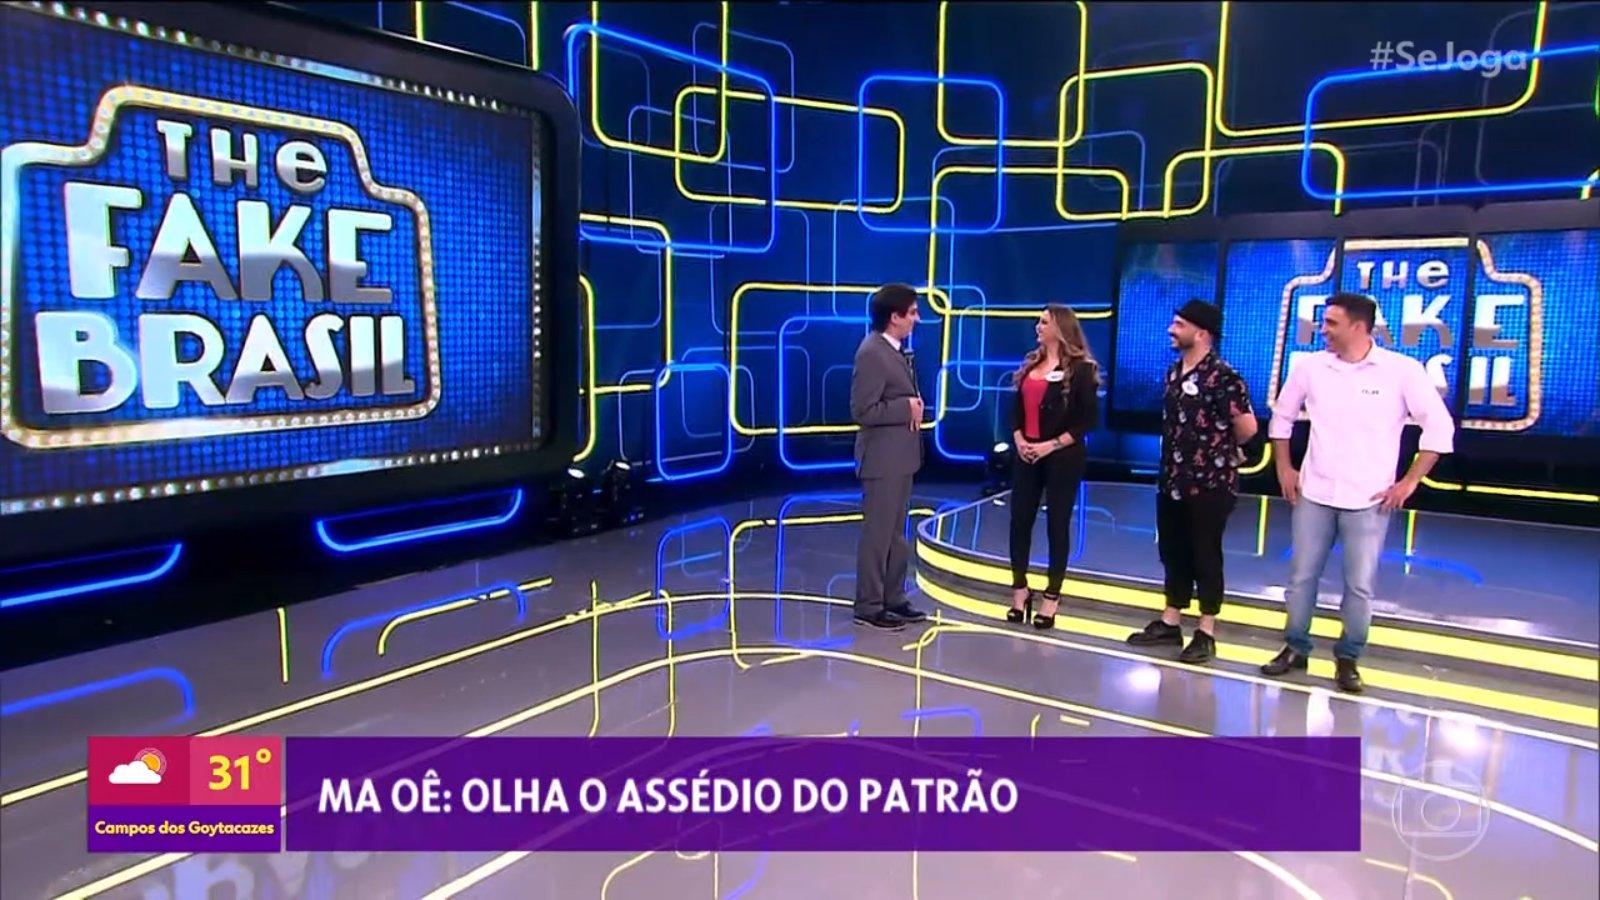 Silvio Santos foi acusado de assédio no Se Joga (Foto: Reprodução/Twitter)